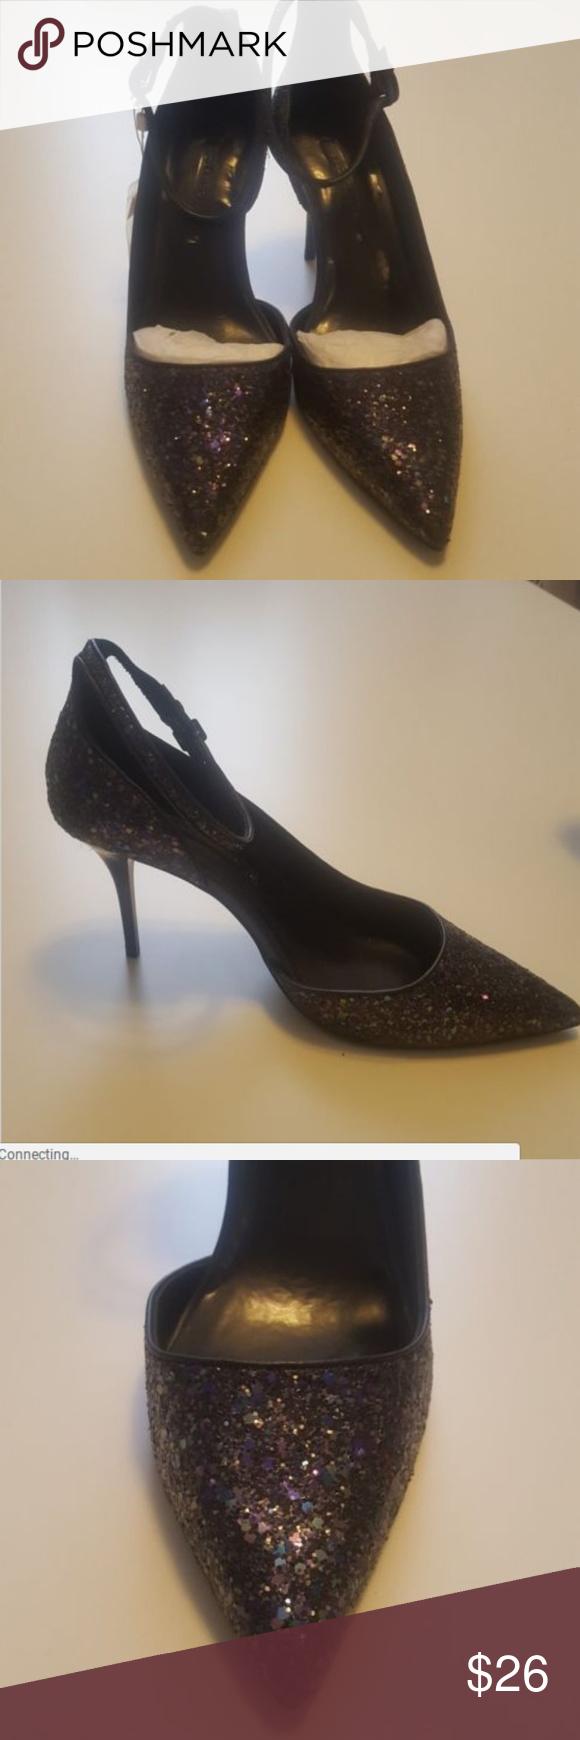 Purple Sequins Shoe Size 11 US EUR 42